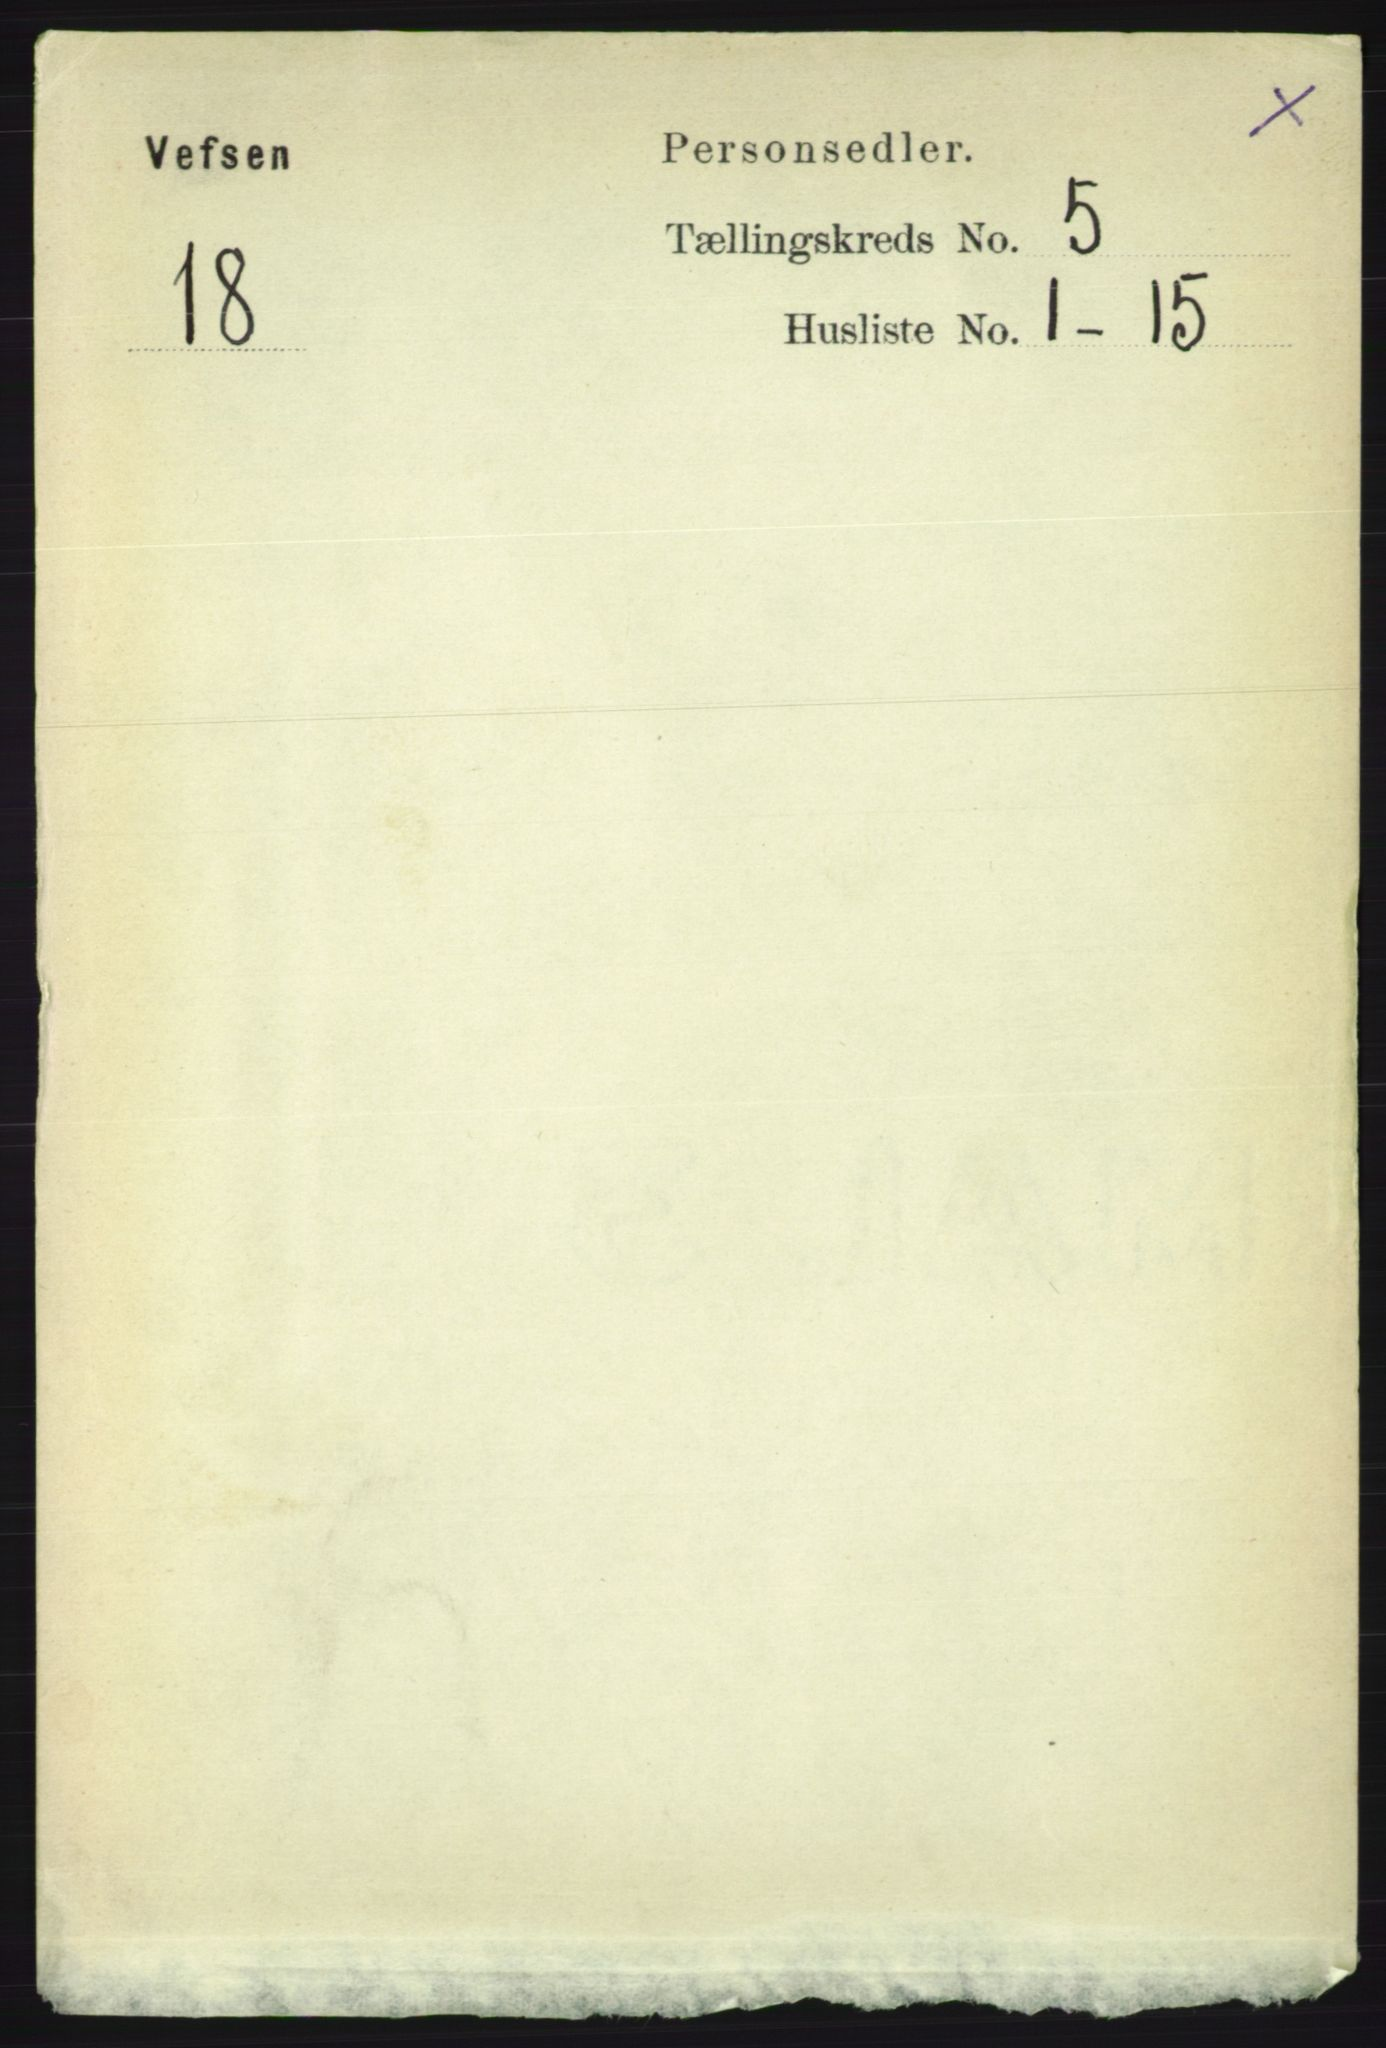 RA, Folketelling 1891 for 1824 Vefsn herred, 1891, s. 2084